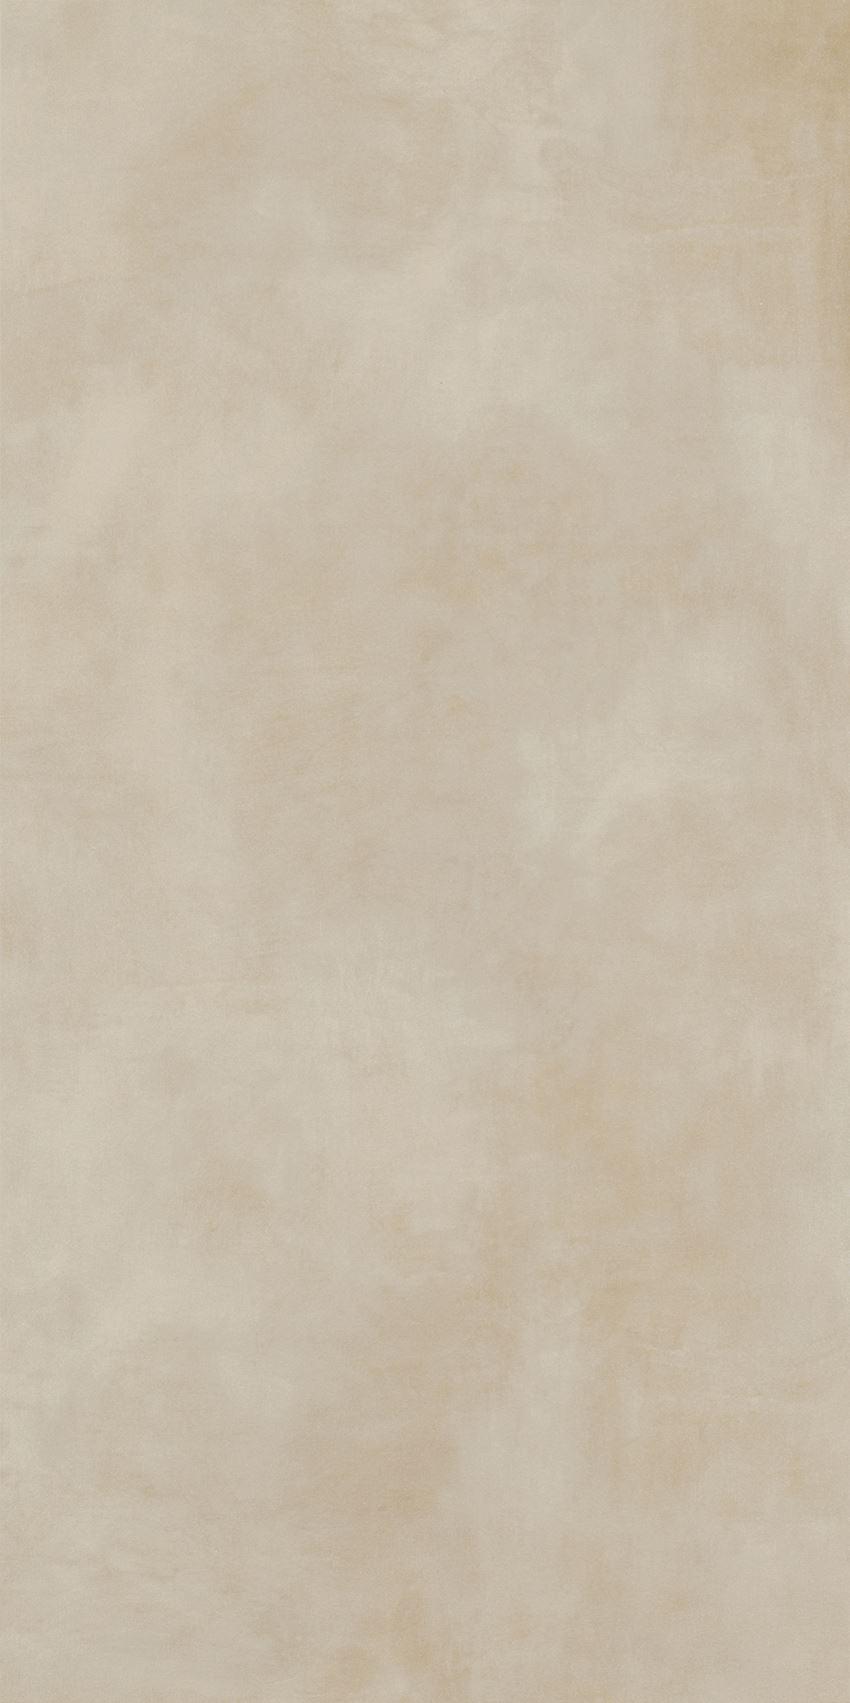 Płytka uniwersalna 44,8x89,8 cm Paradyż Tecniq Beige Gres Szkl. Rekt. Półpoler